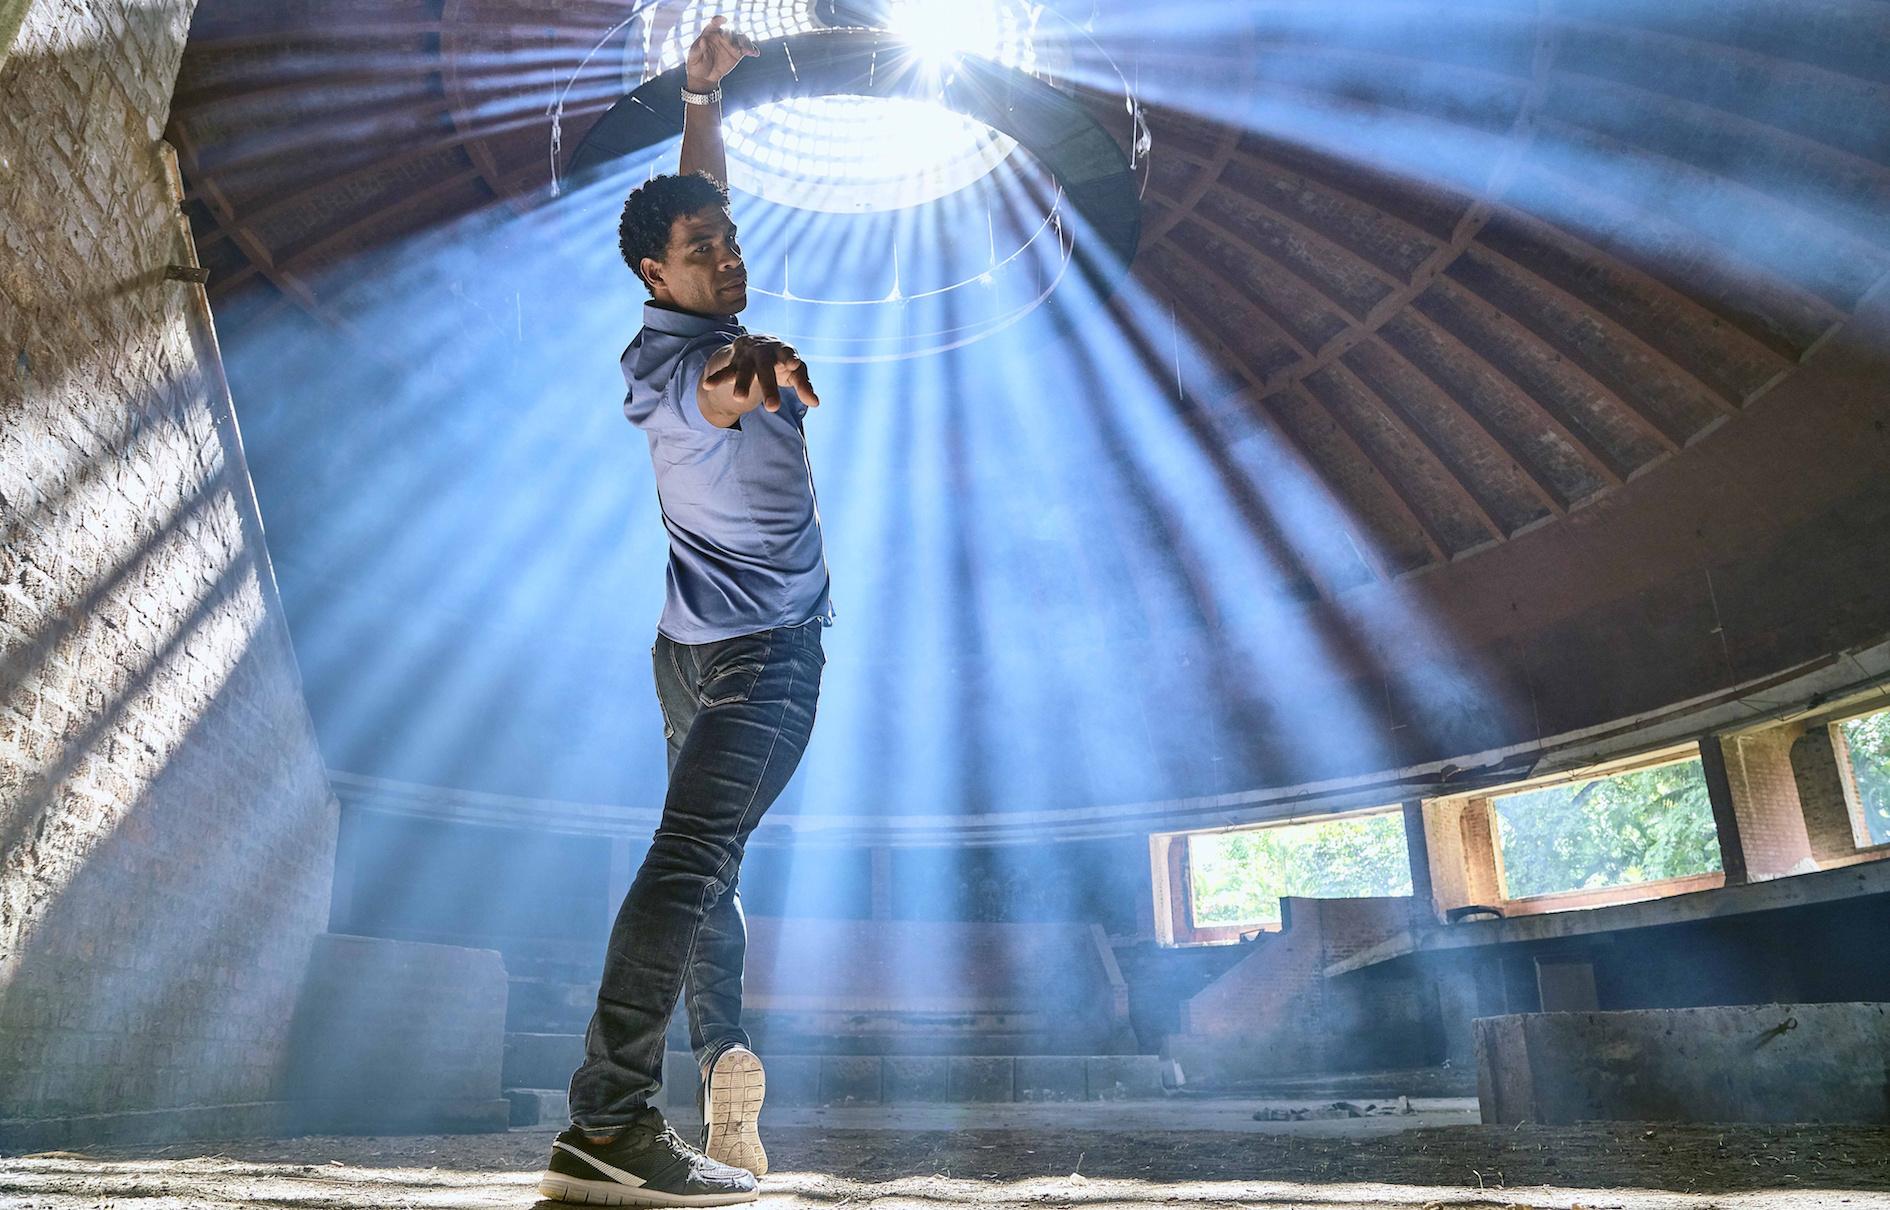 Estrenos: Icíar Bollaín lleva a la gran pantalla la vida del bailarín cubano Carlos Acosta en Yuli